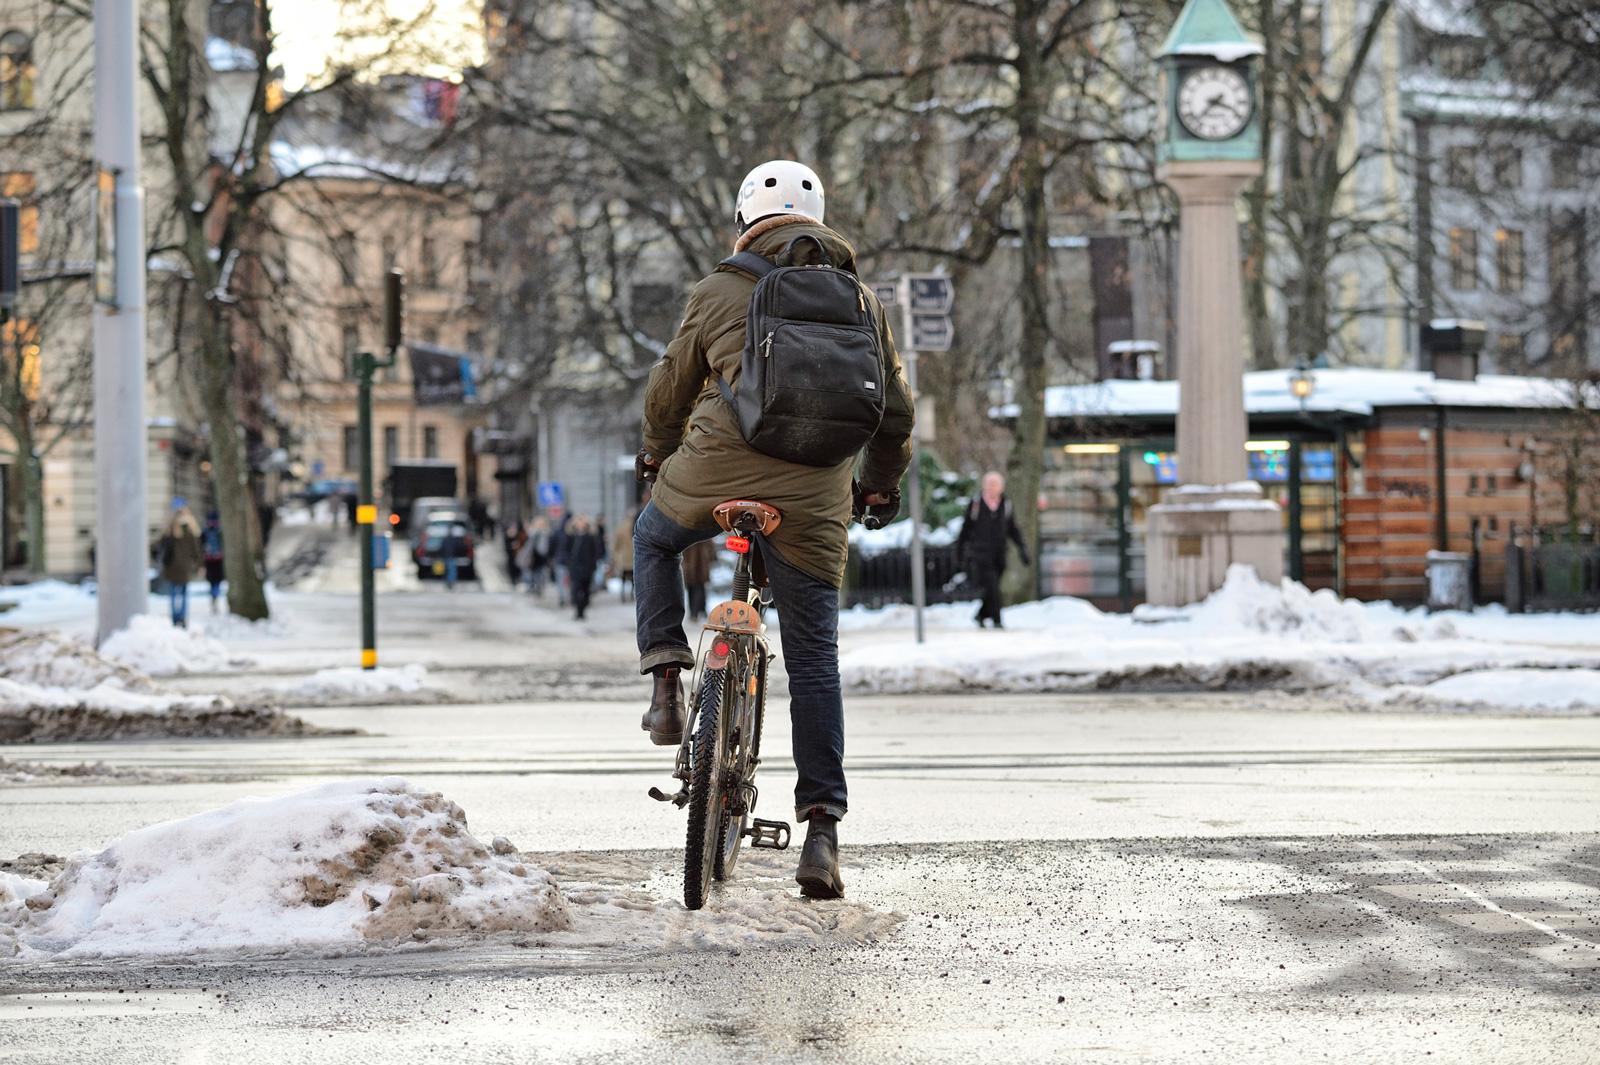 Radfahren im Winter erfordert besonderen Schutz, denn Glätte und dunkle Stunden erhöhen das Unfallrisiko.